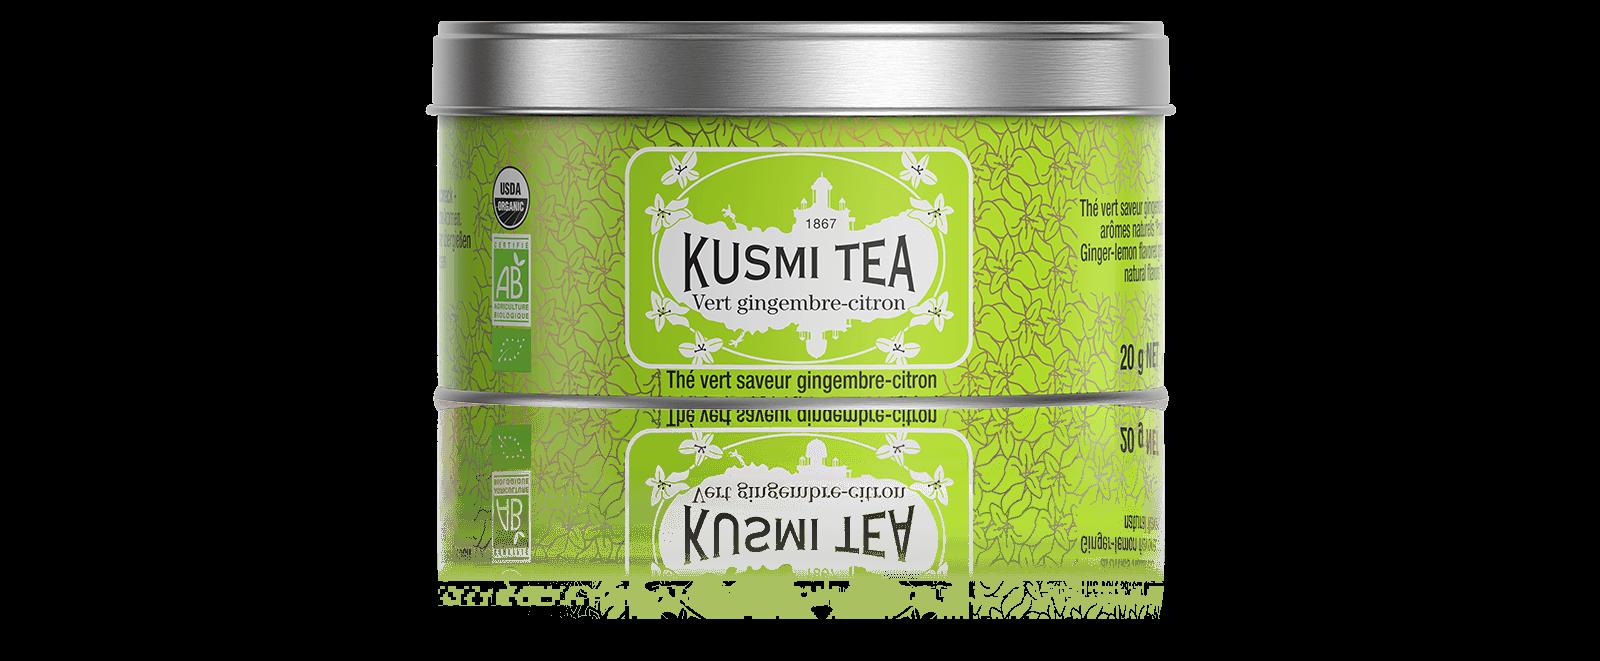 Vert gingembre-citron bio - Thé vert saveur gingembre-citron - Boite à thé en vrac - Kusmi Tea